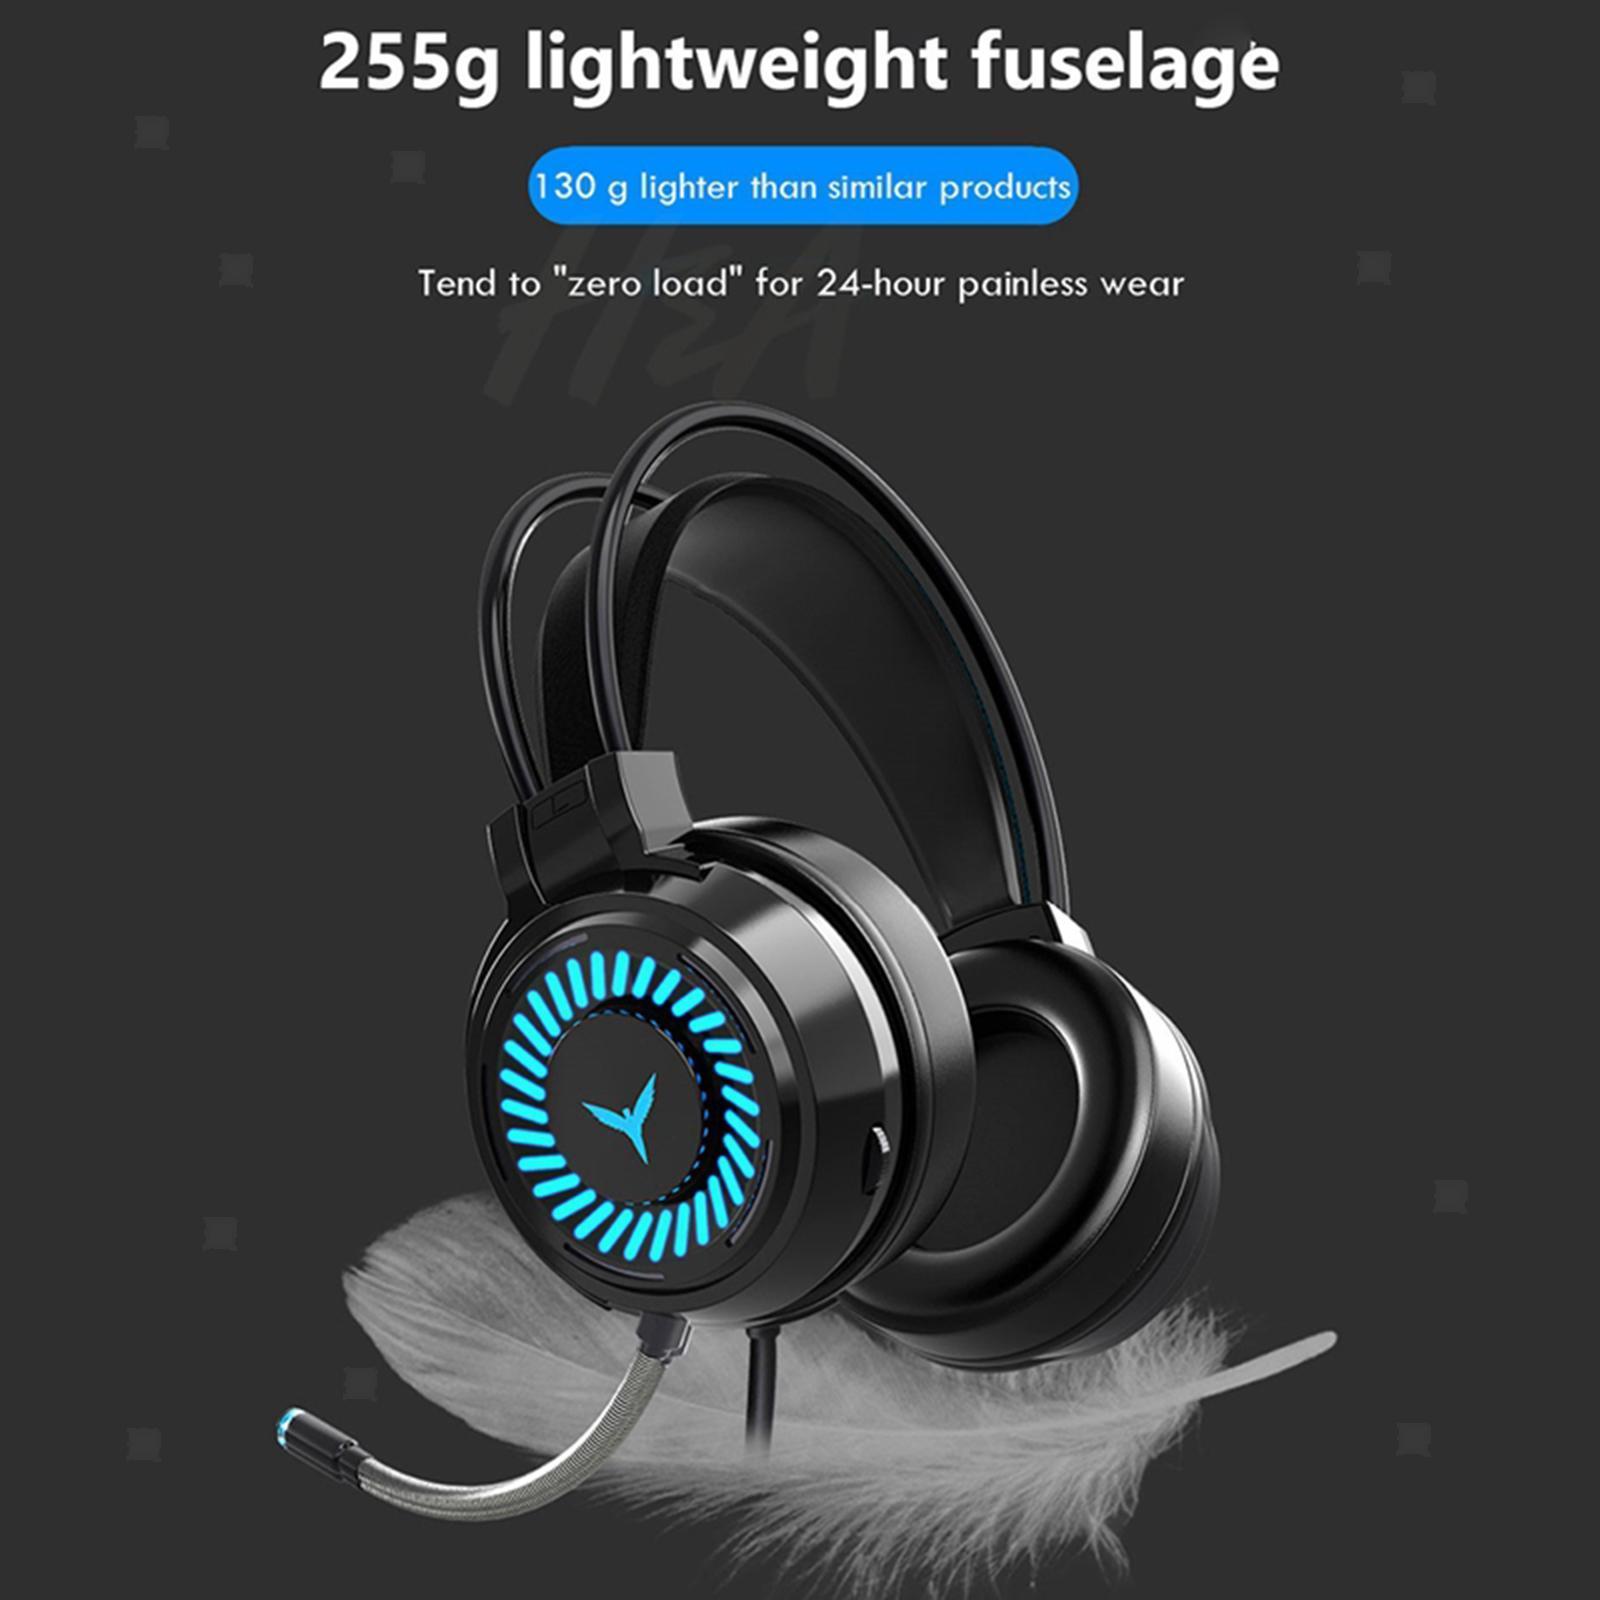 miniature 26 - Confortable Coloré LED   Gaming Headset 7.1 Surround Sound pour PC